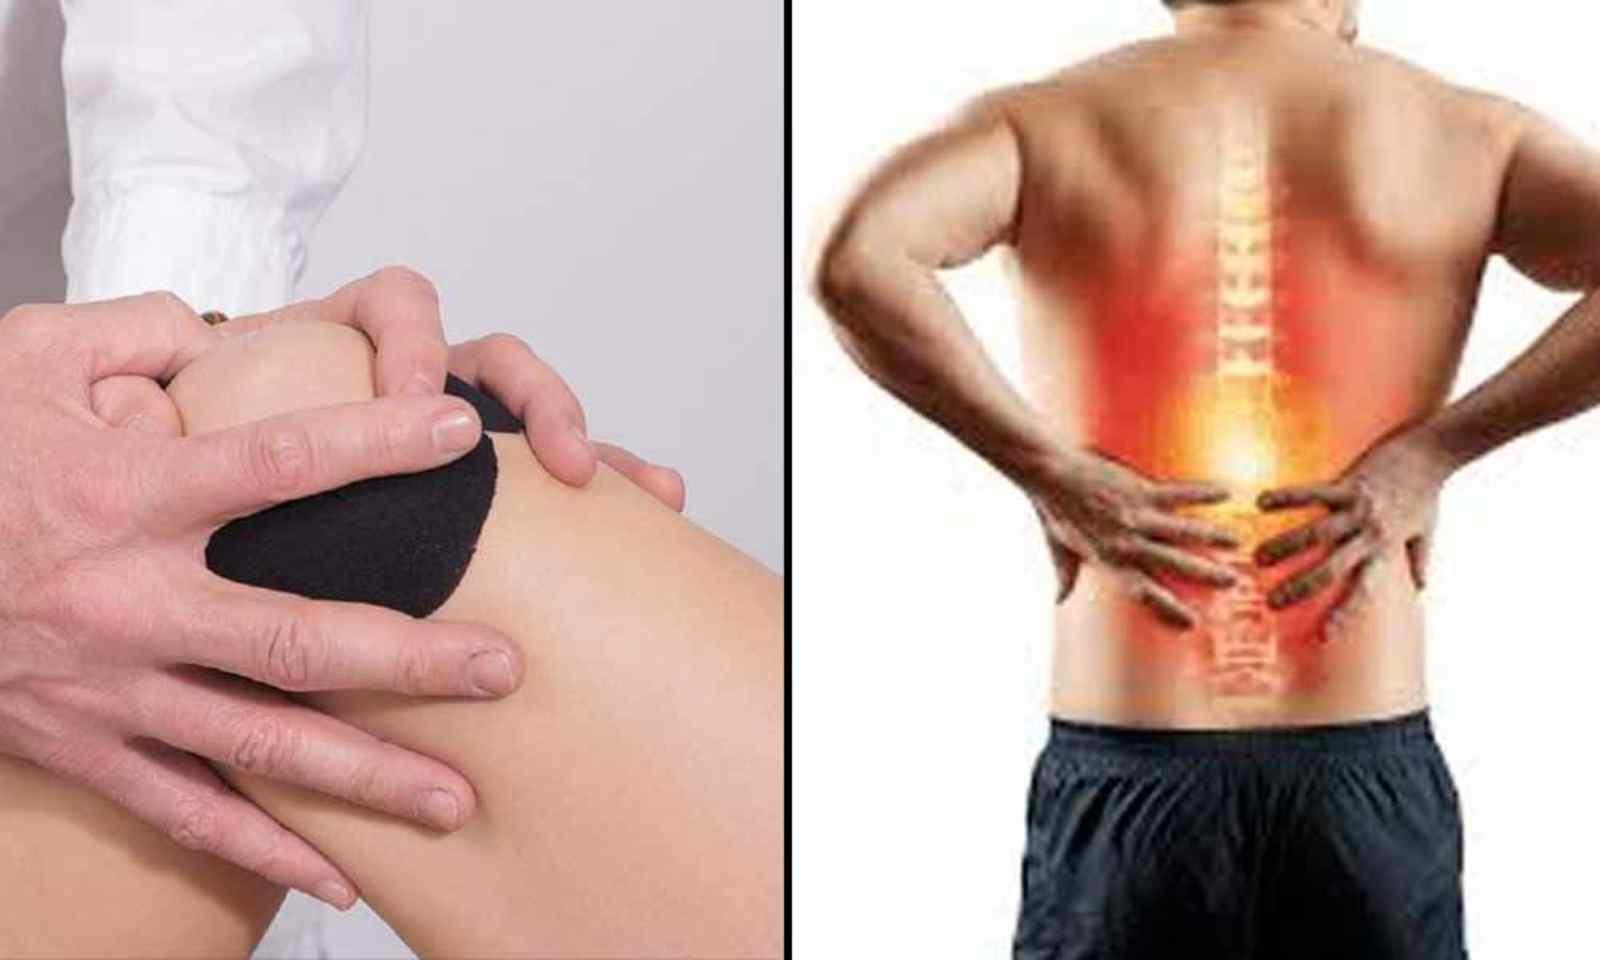 हड्डियों में दर्द की समस्या का आयुर्वेदिक उपचार